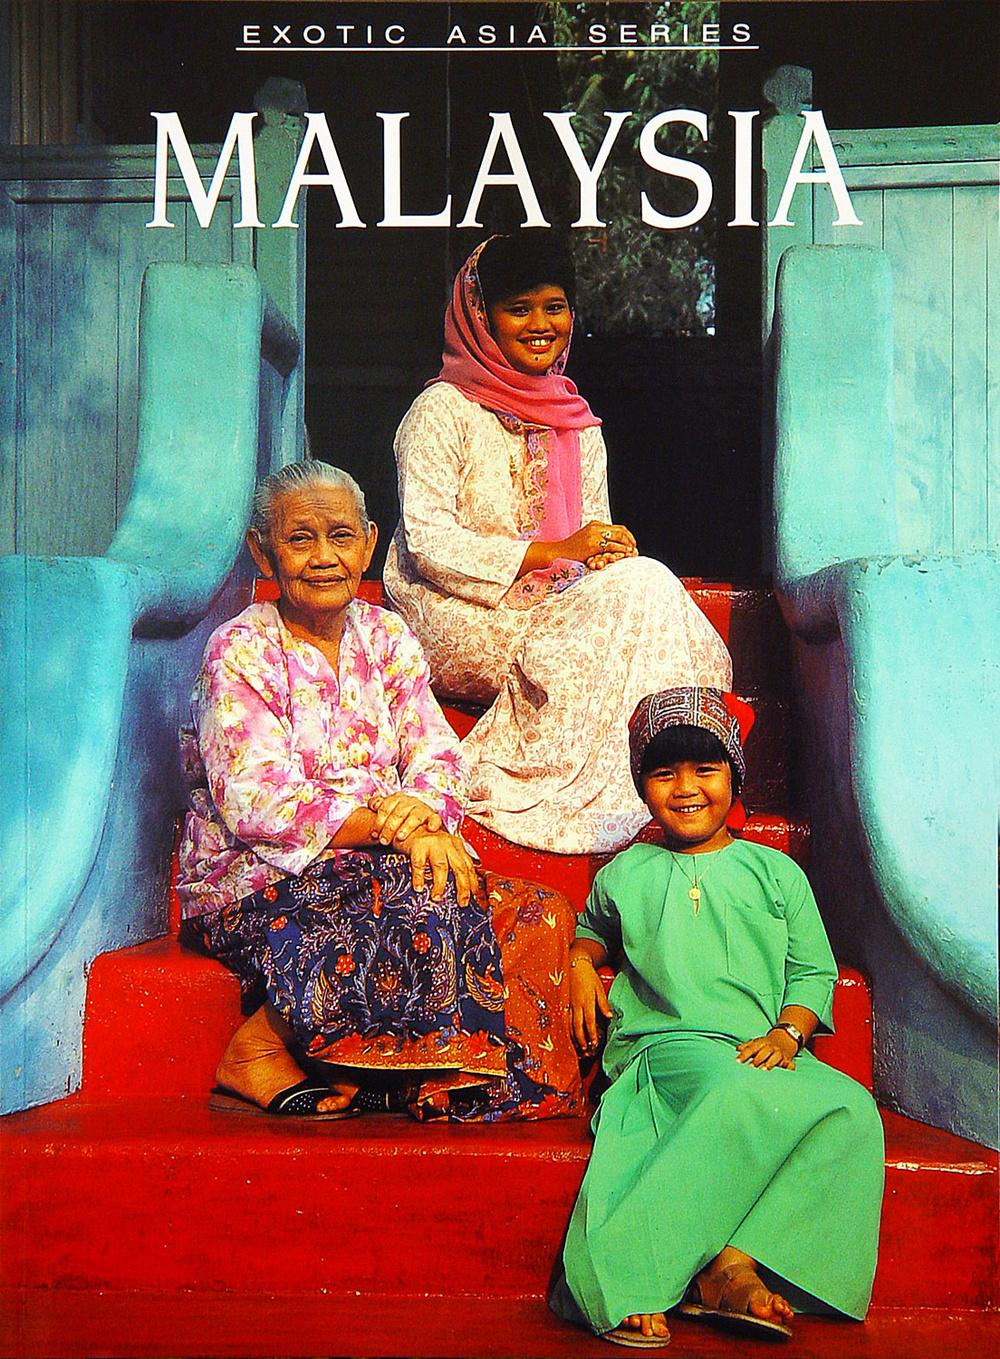 Malaysia-Exotic-Asia.jpg